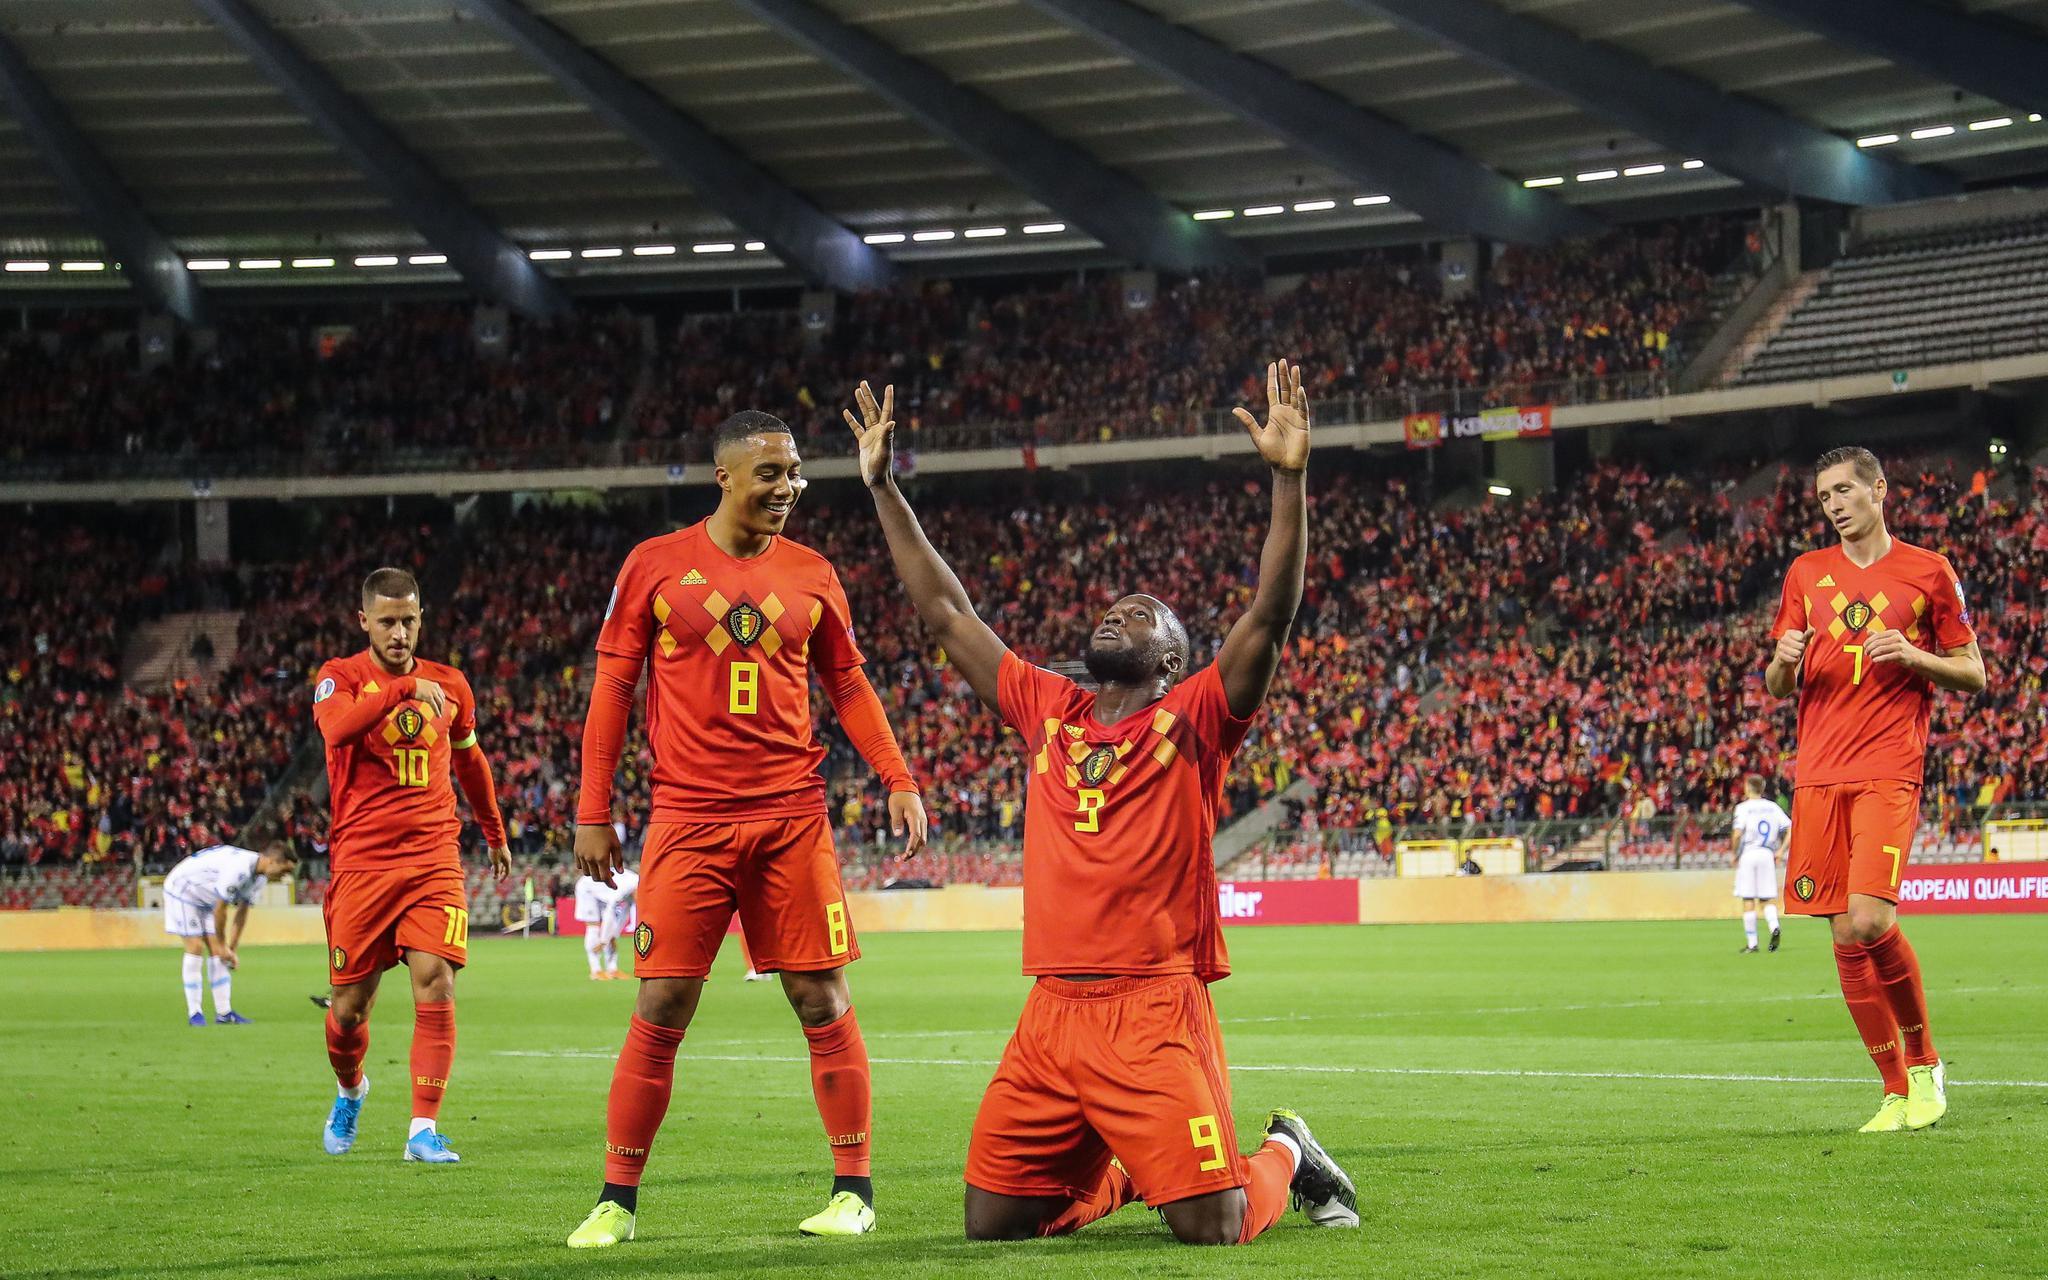 体育晨报:比利时9球大胜,唐茜靖全能摘银